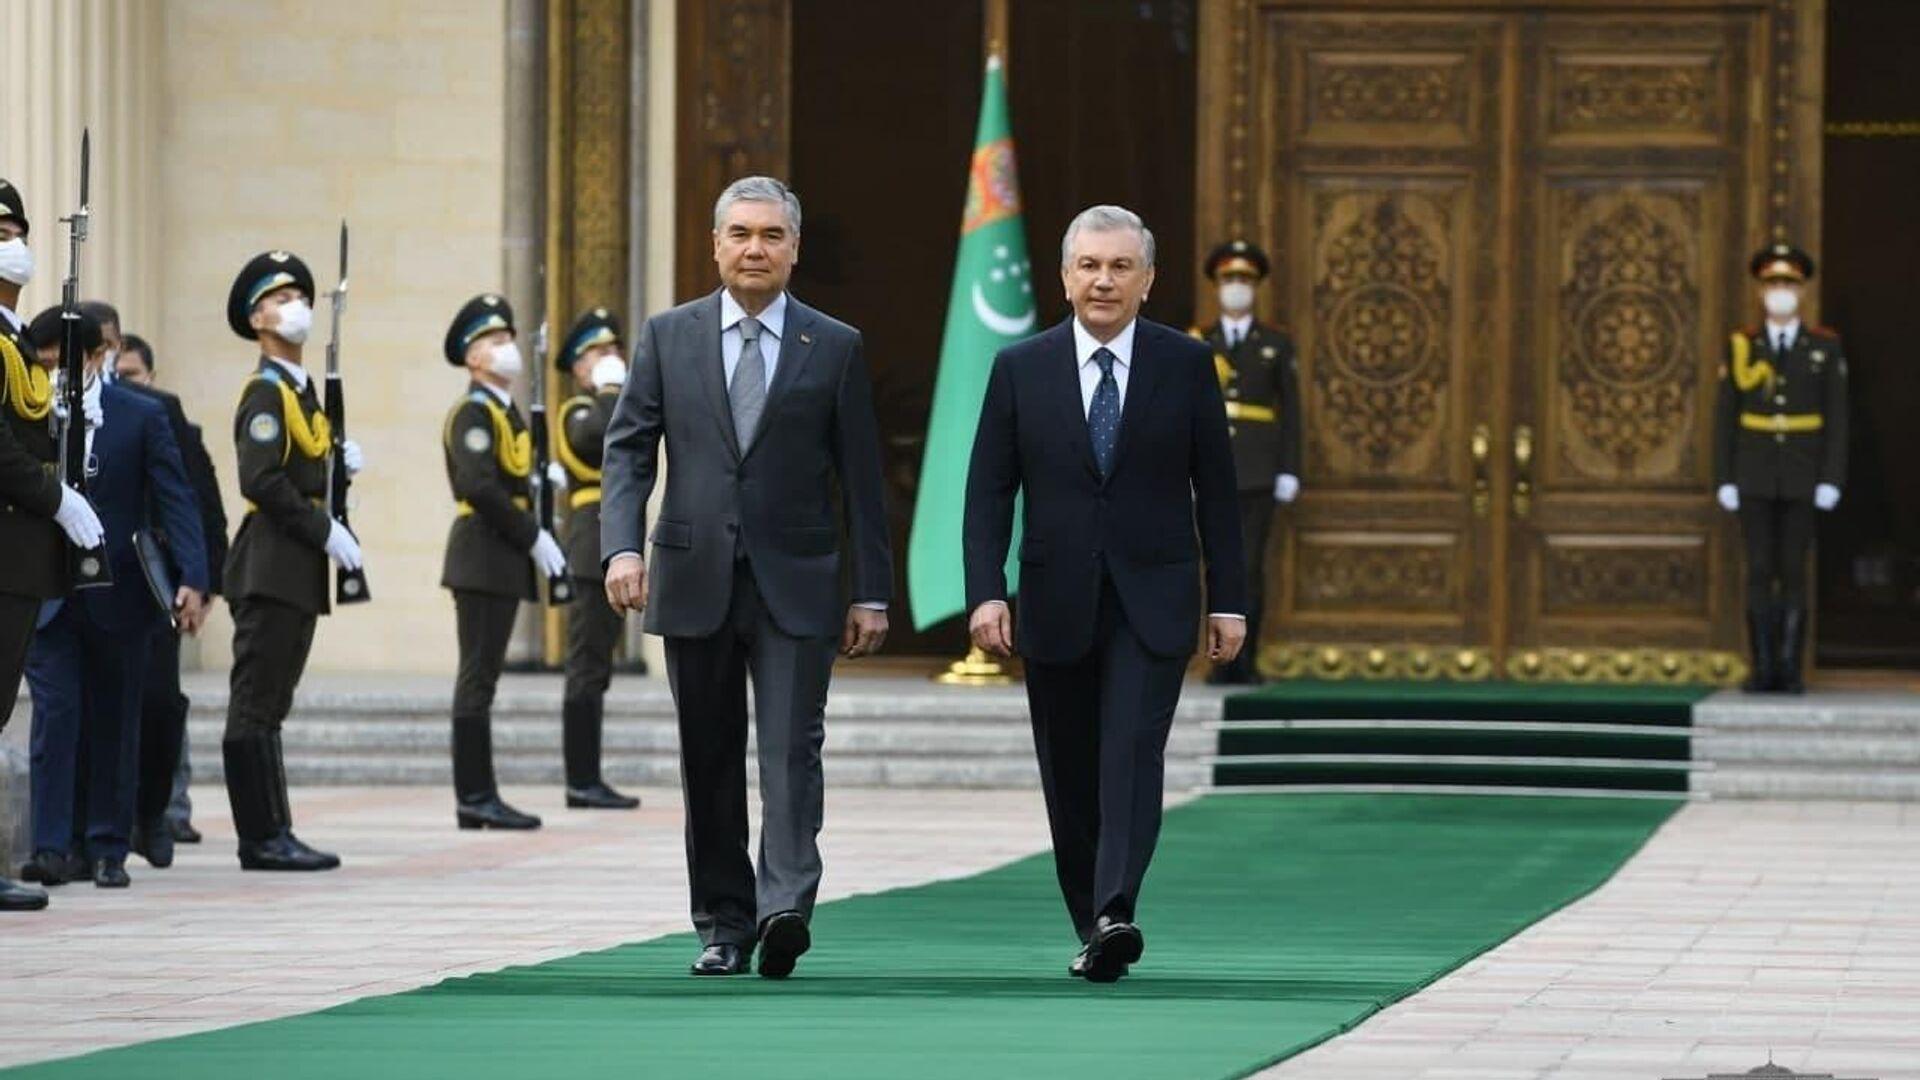 Президенты Узбекистана и Туркменистана обсудили вопросы укрепления стратегического партнерства - Sputnik Узбекистан, 1920, 05.10.2021